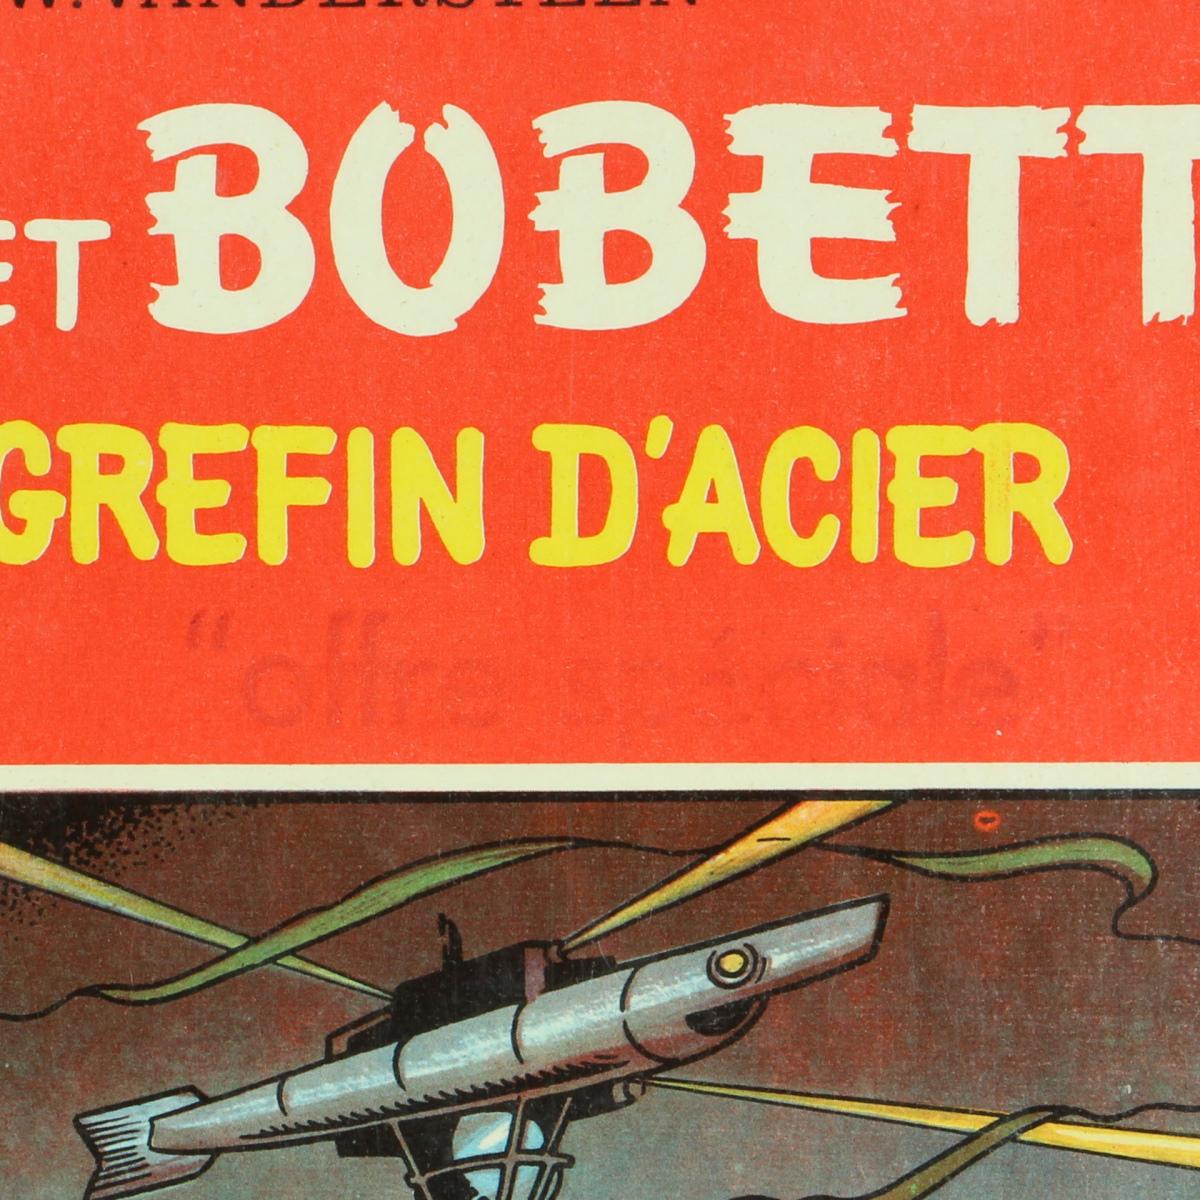 Afbeeldingen van Bob et Bobette L'aigrefin d'acier offre spéciale